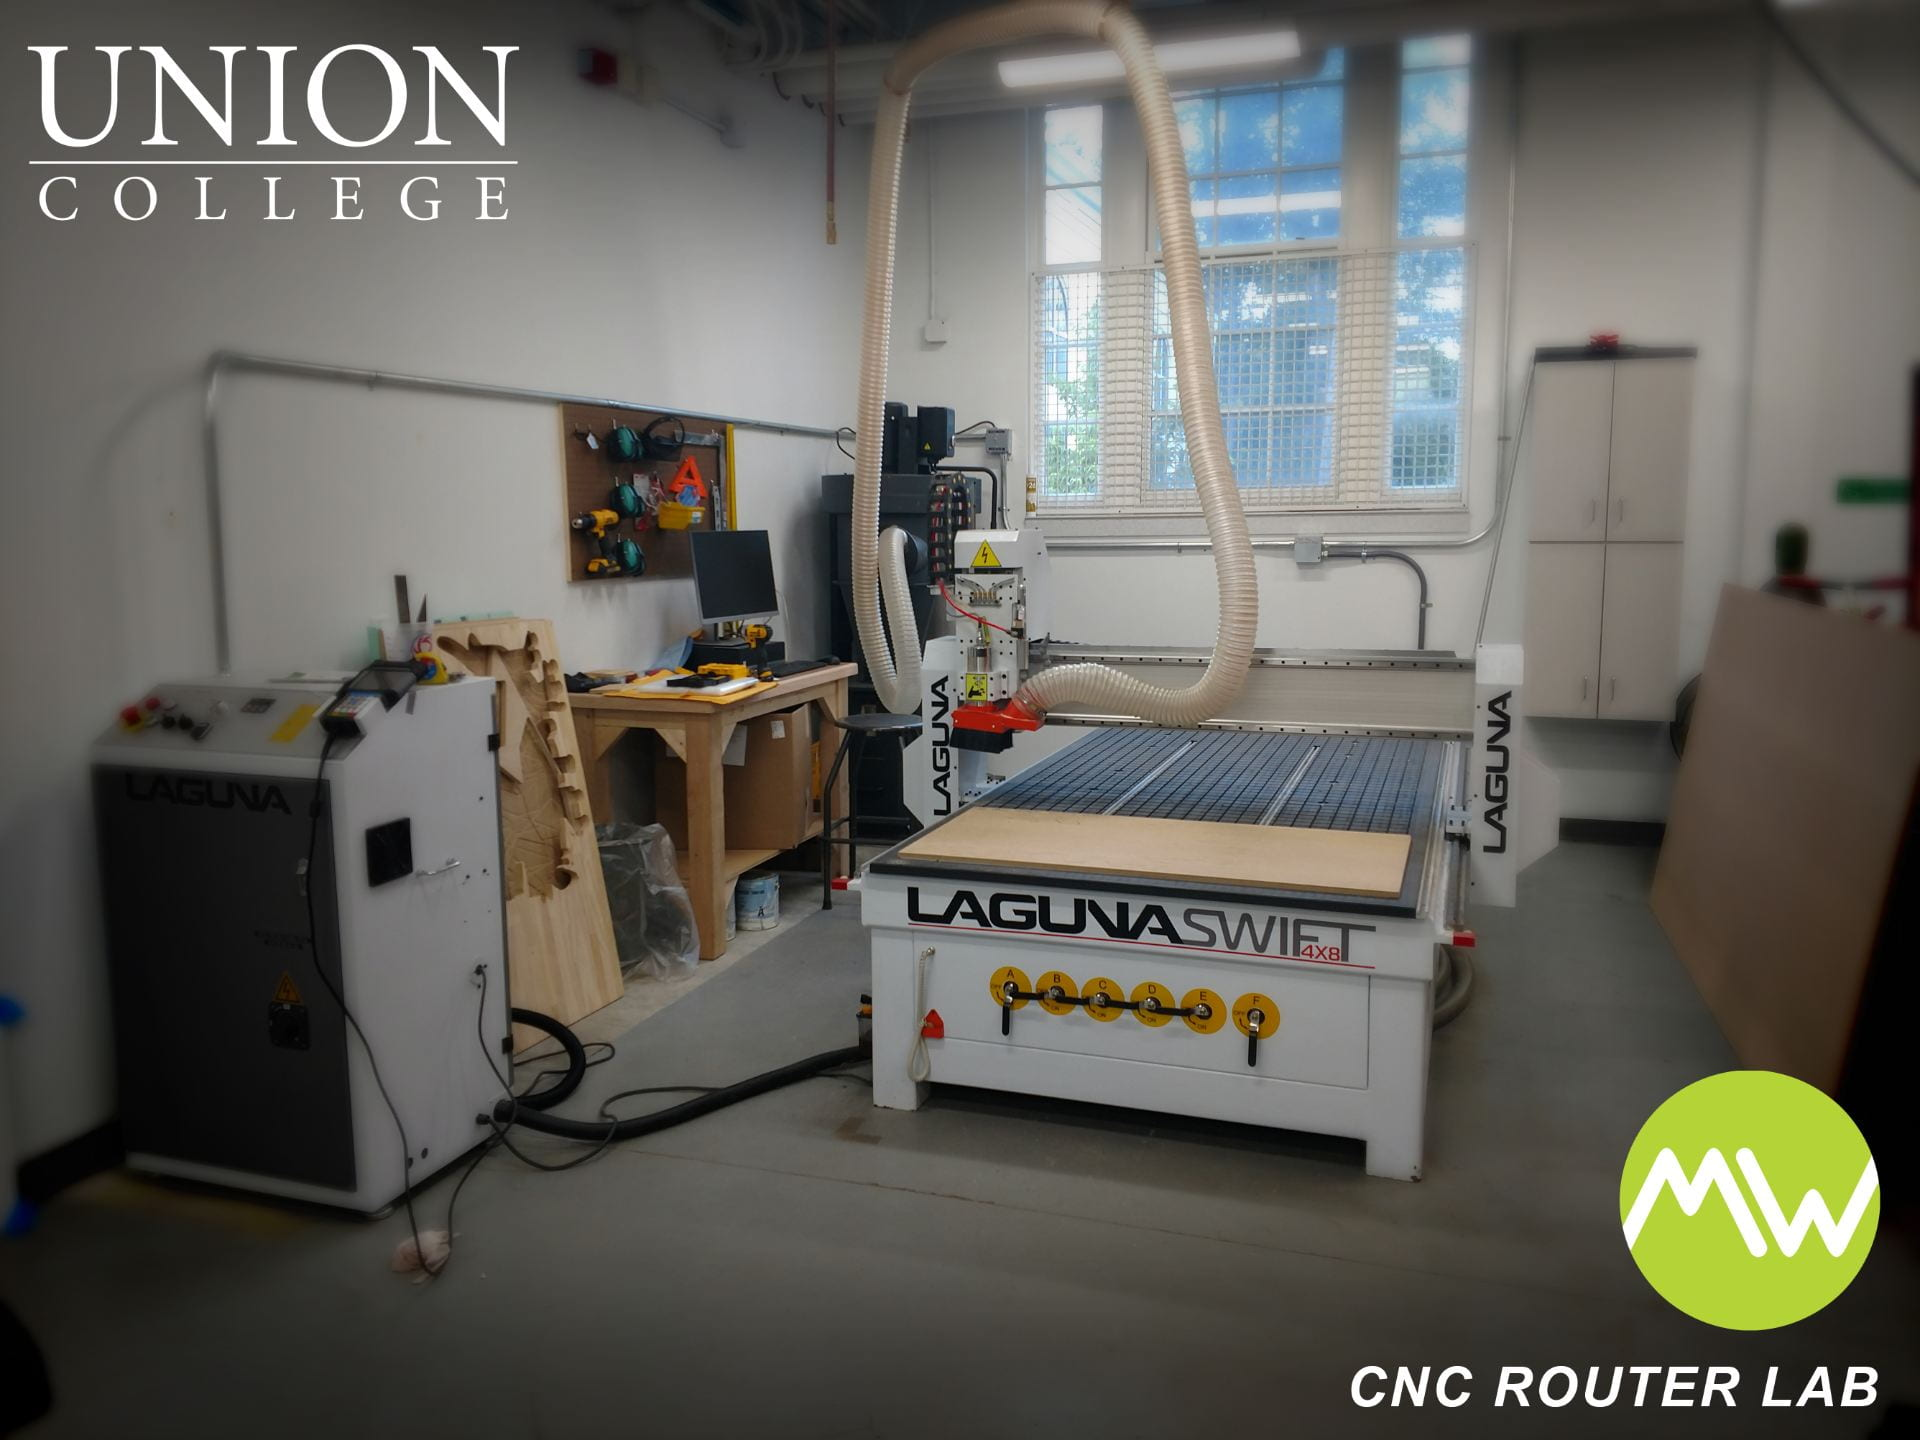 CNC Router Lab